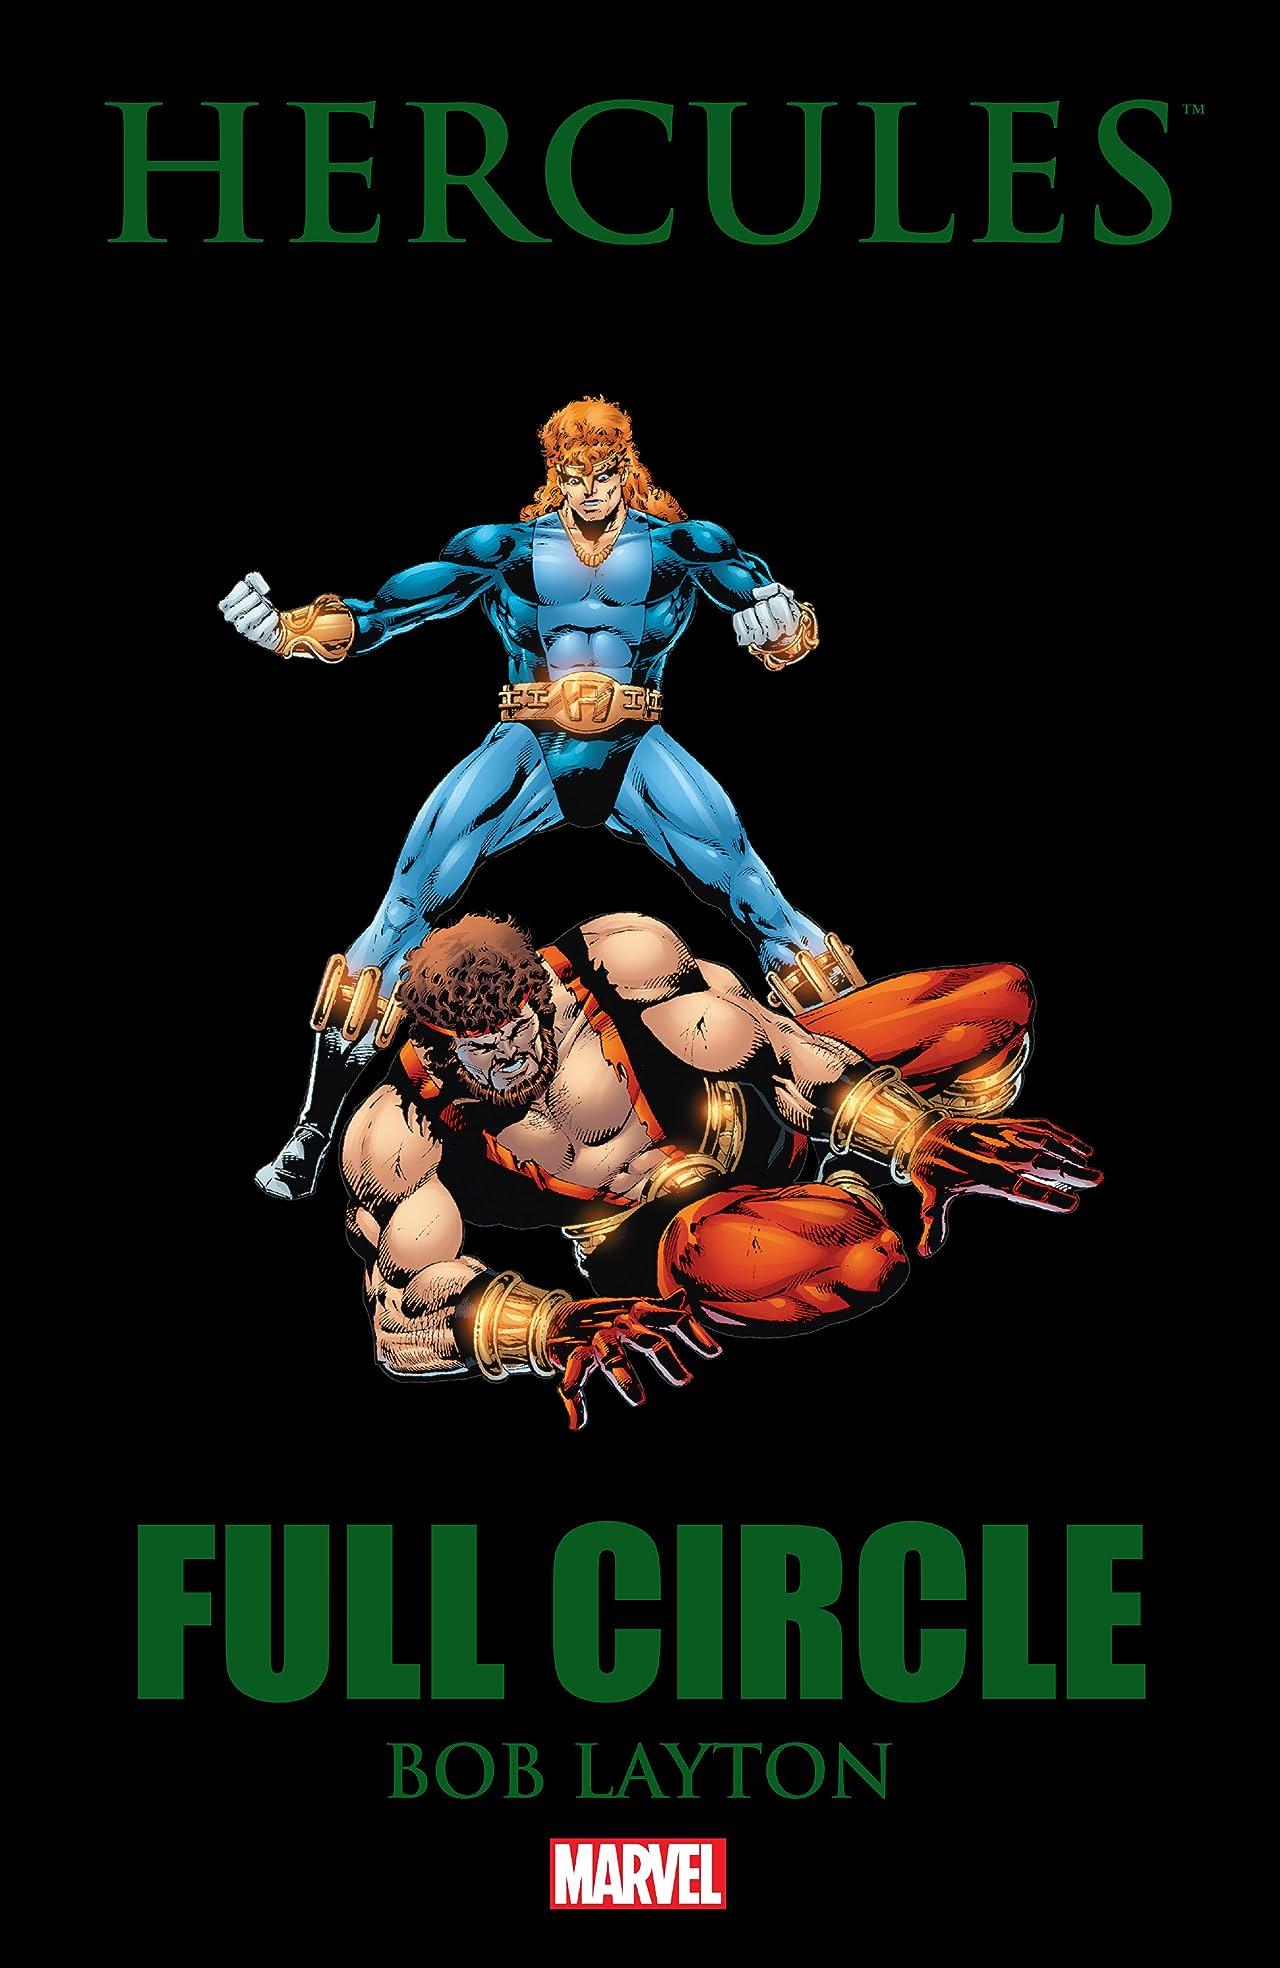 Hercules: Full Circle